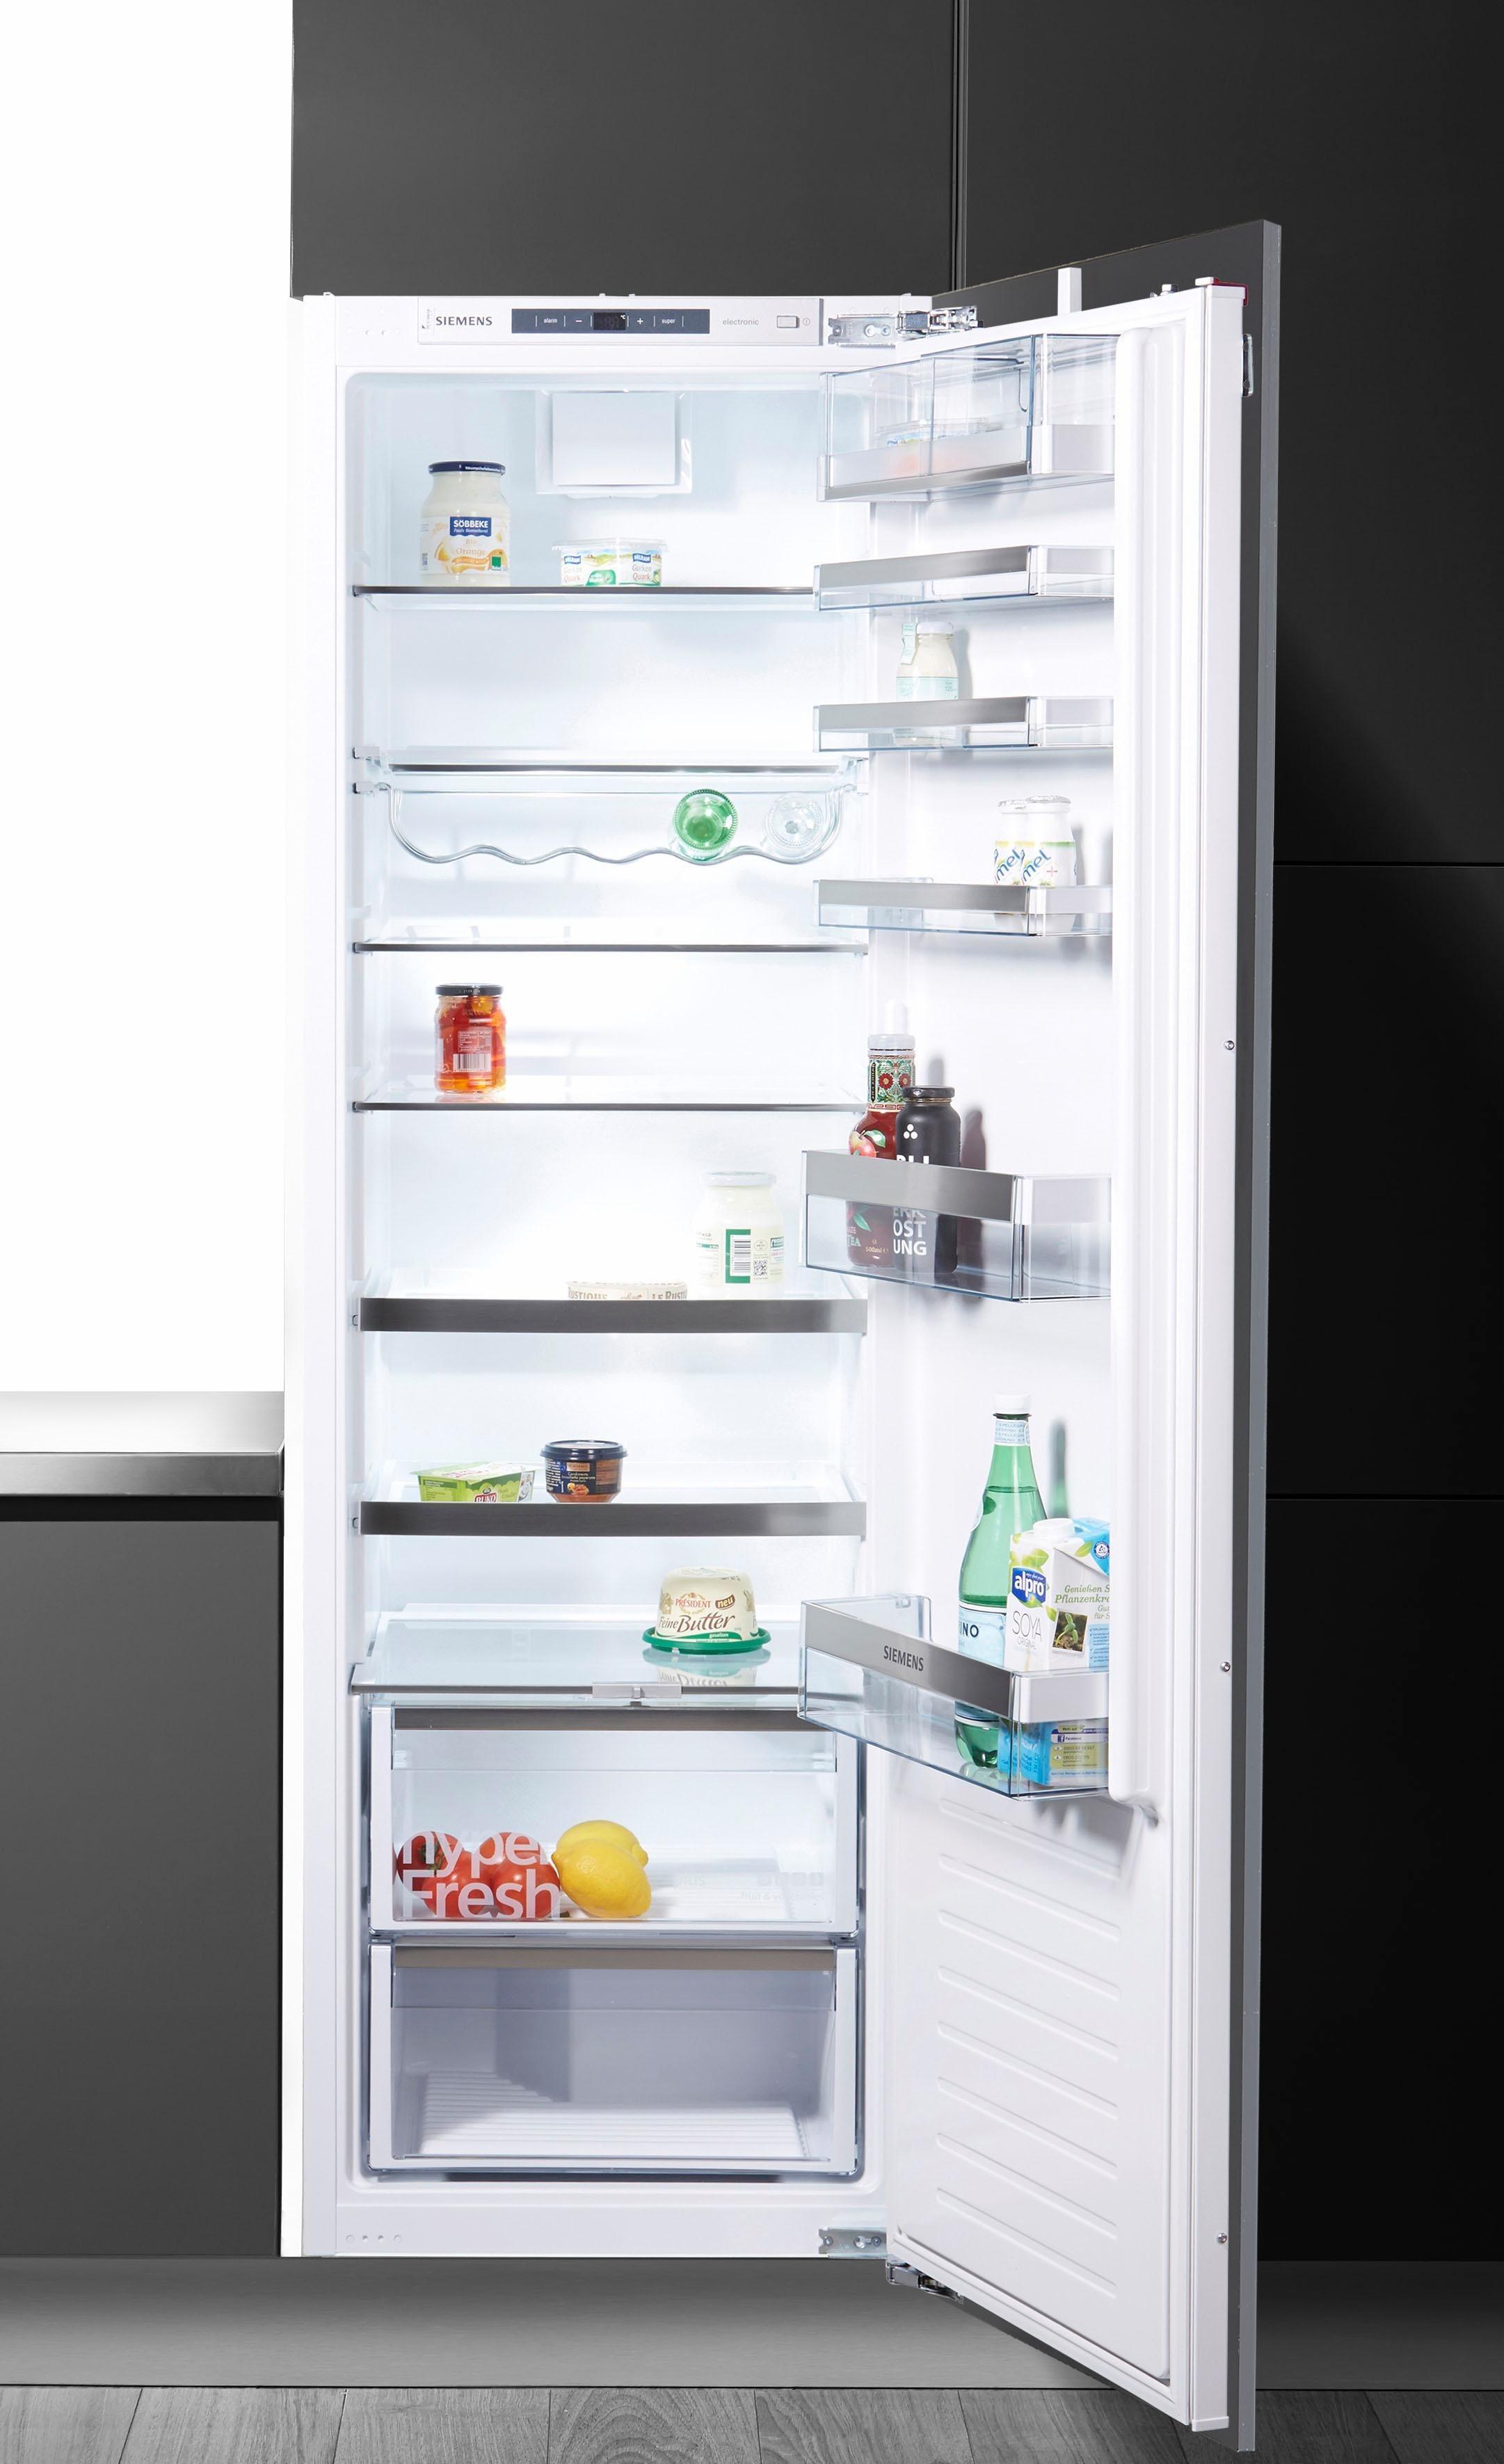 Einbaukühlschrank KI81RAD30, 177,2 cm hoch, 55,8 cm breit, Energieklasse A++, 177,2 cm hoch